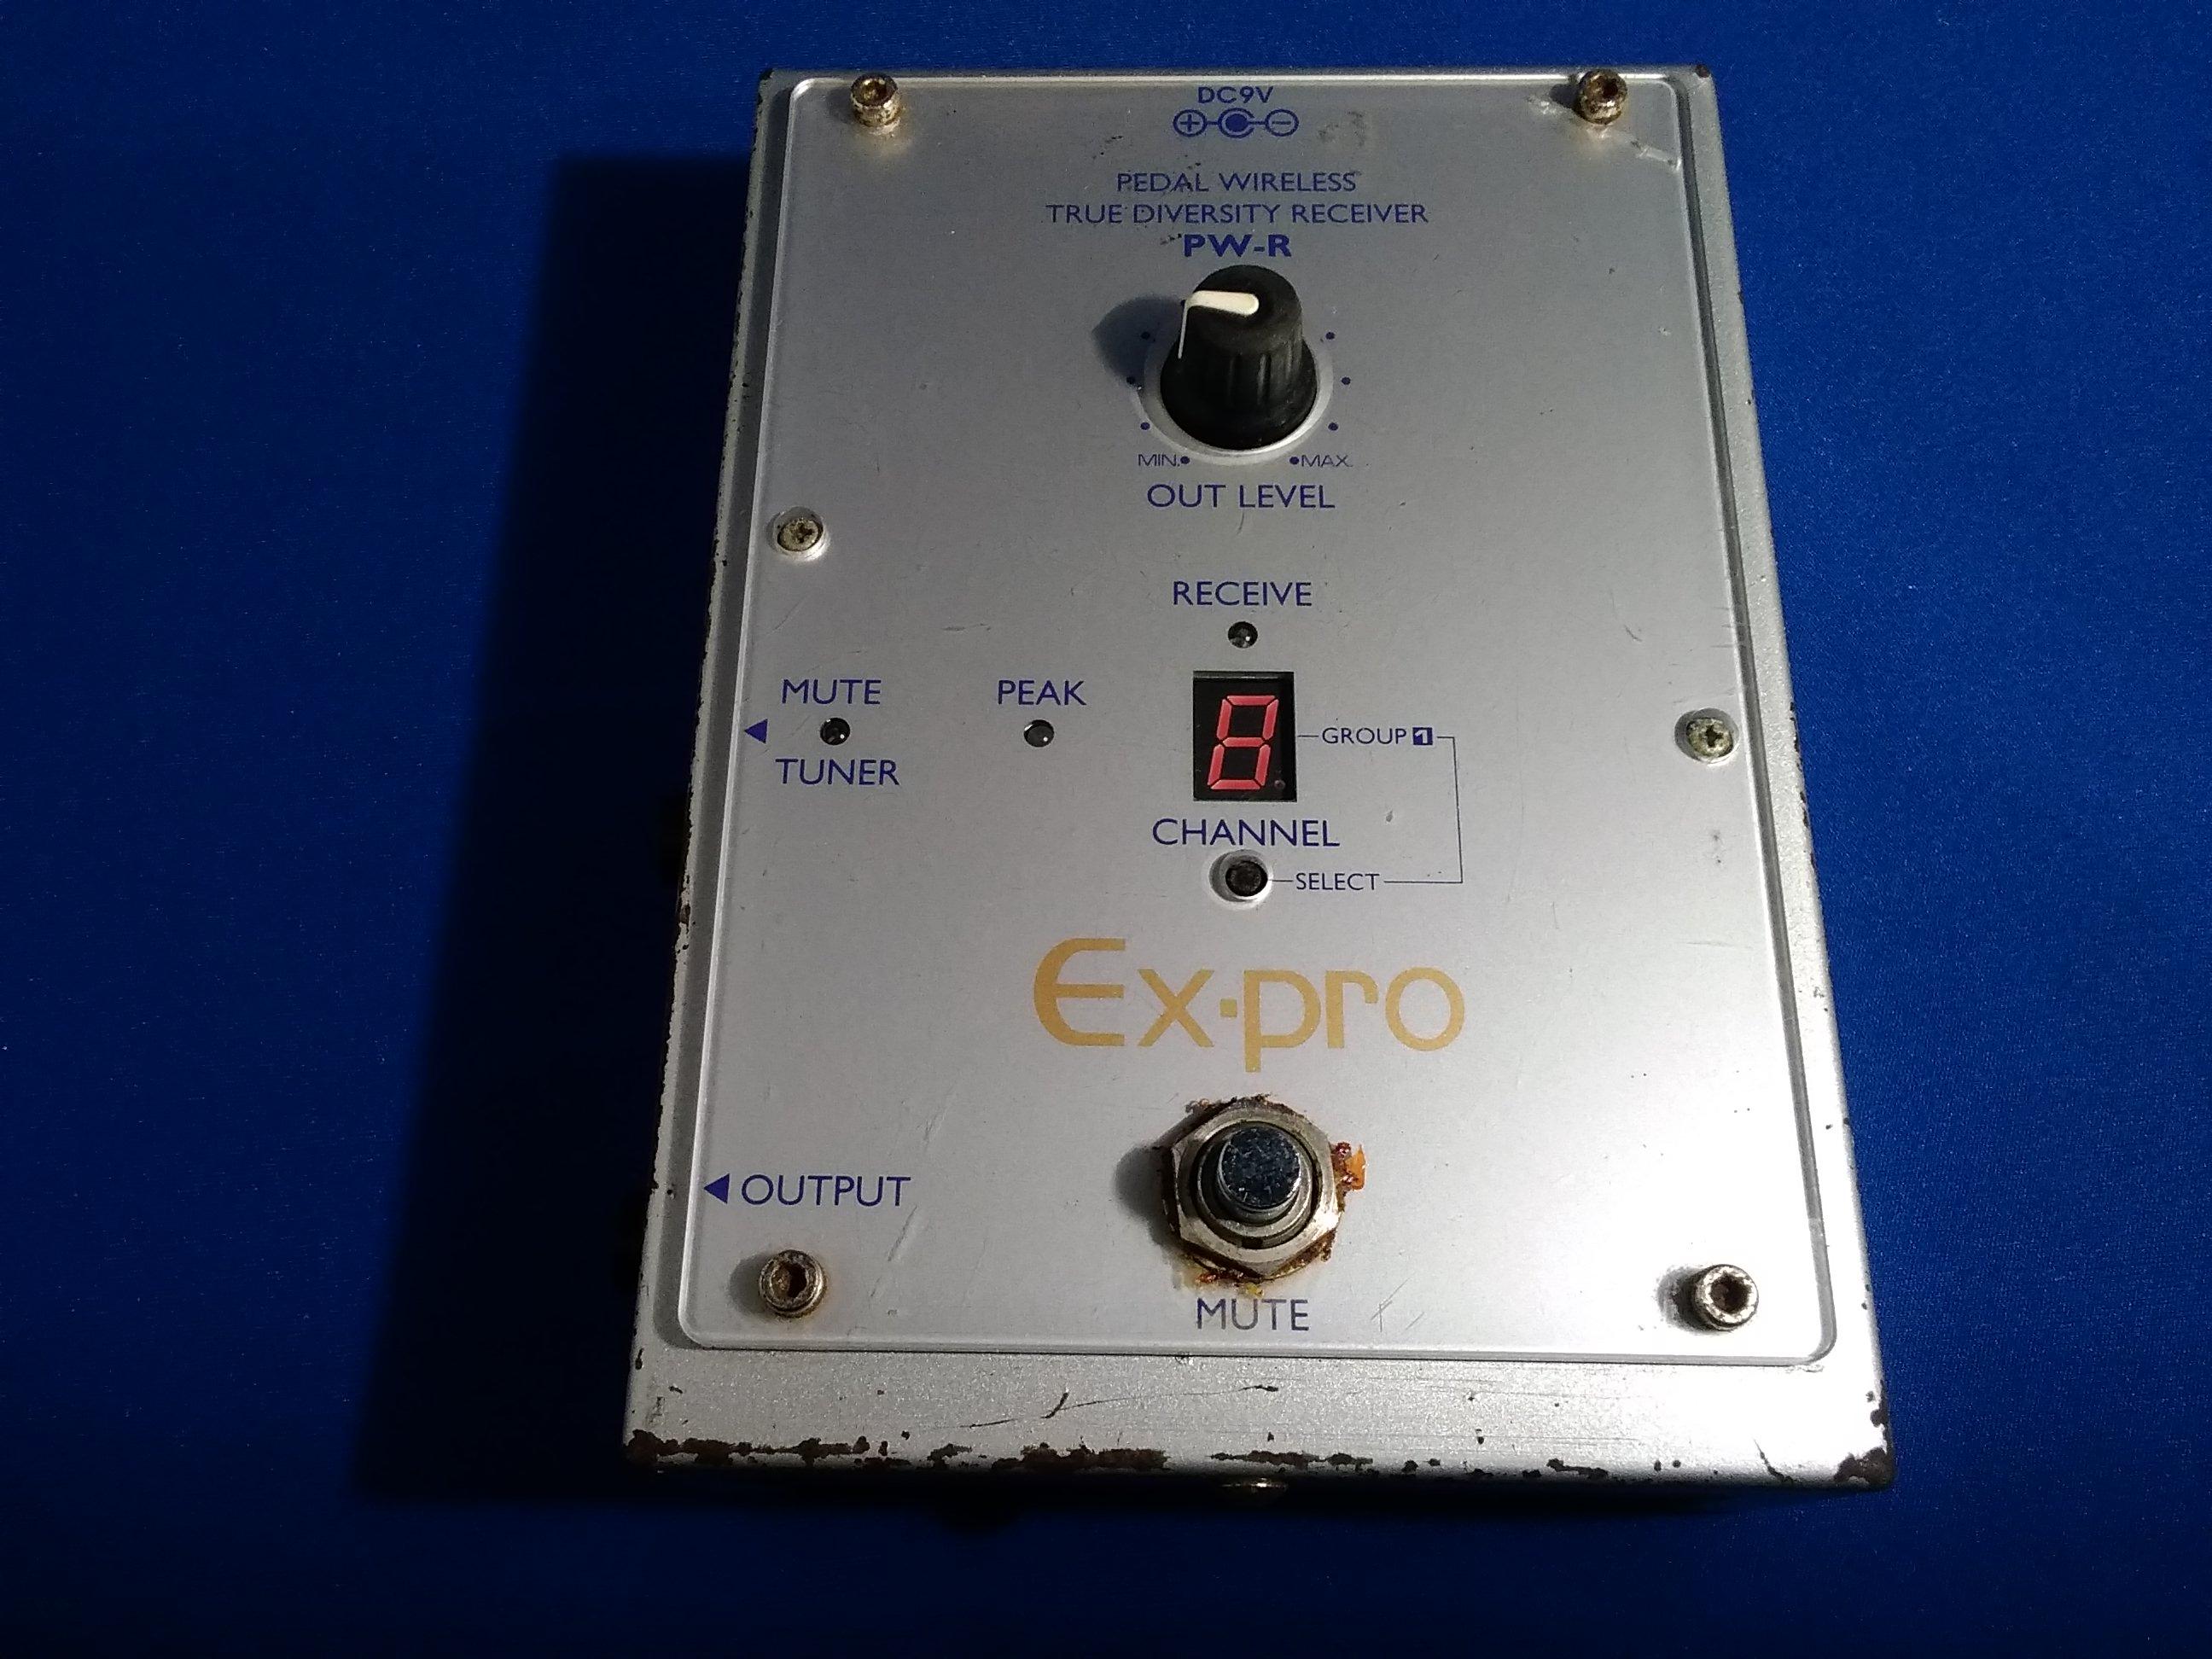 ワイヤレスシステム|EX-PRO